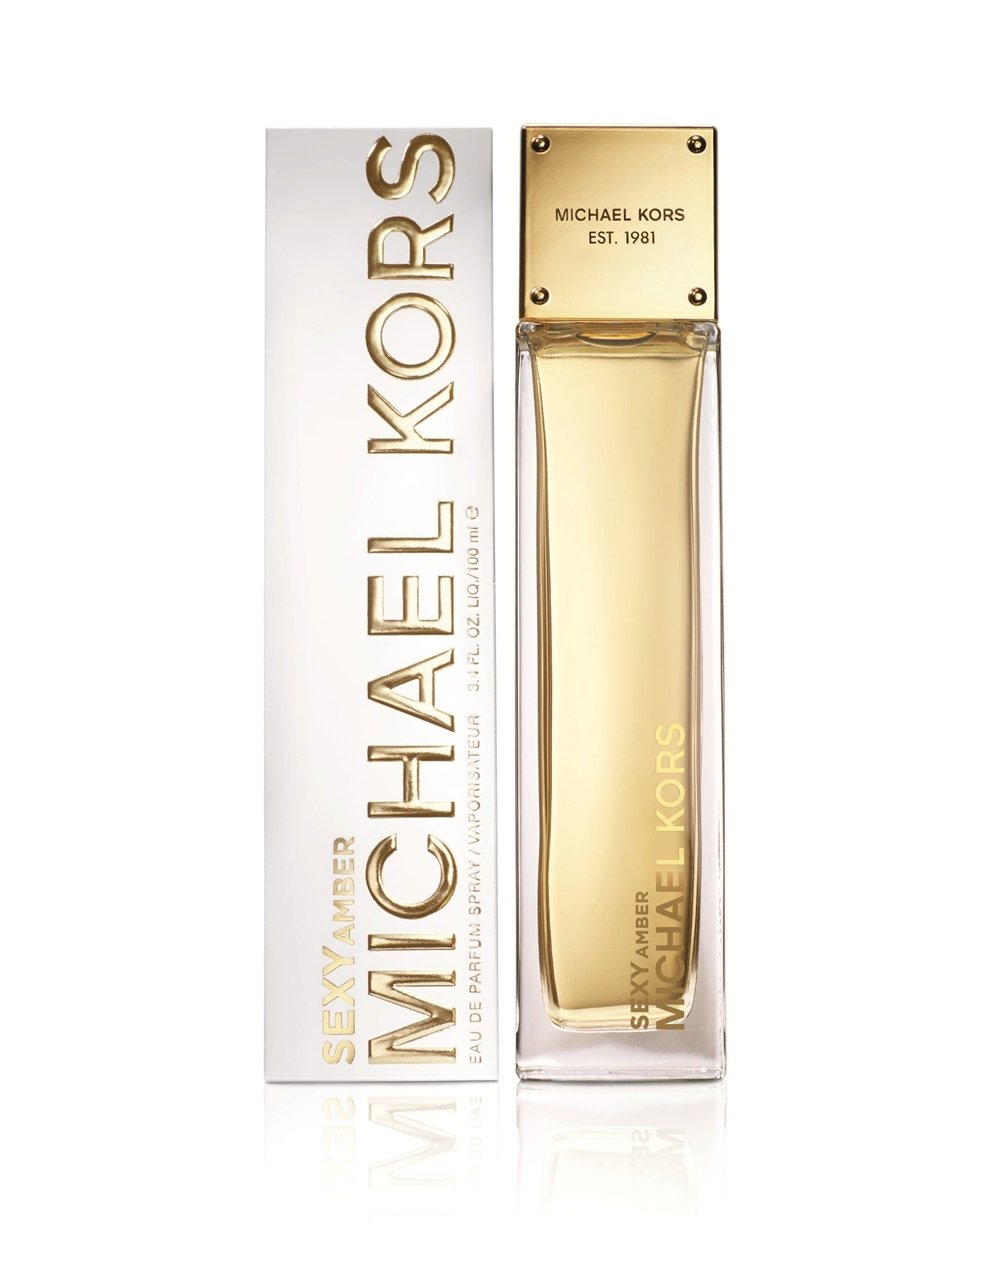 Michael kors sexy perfume